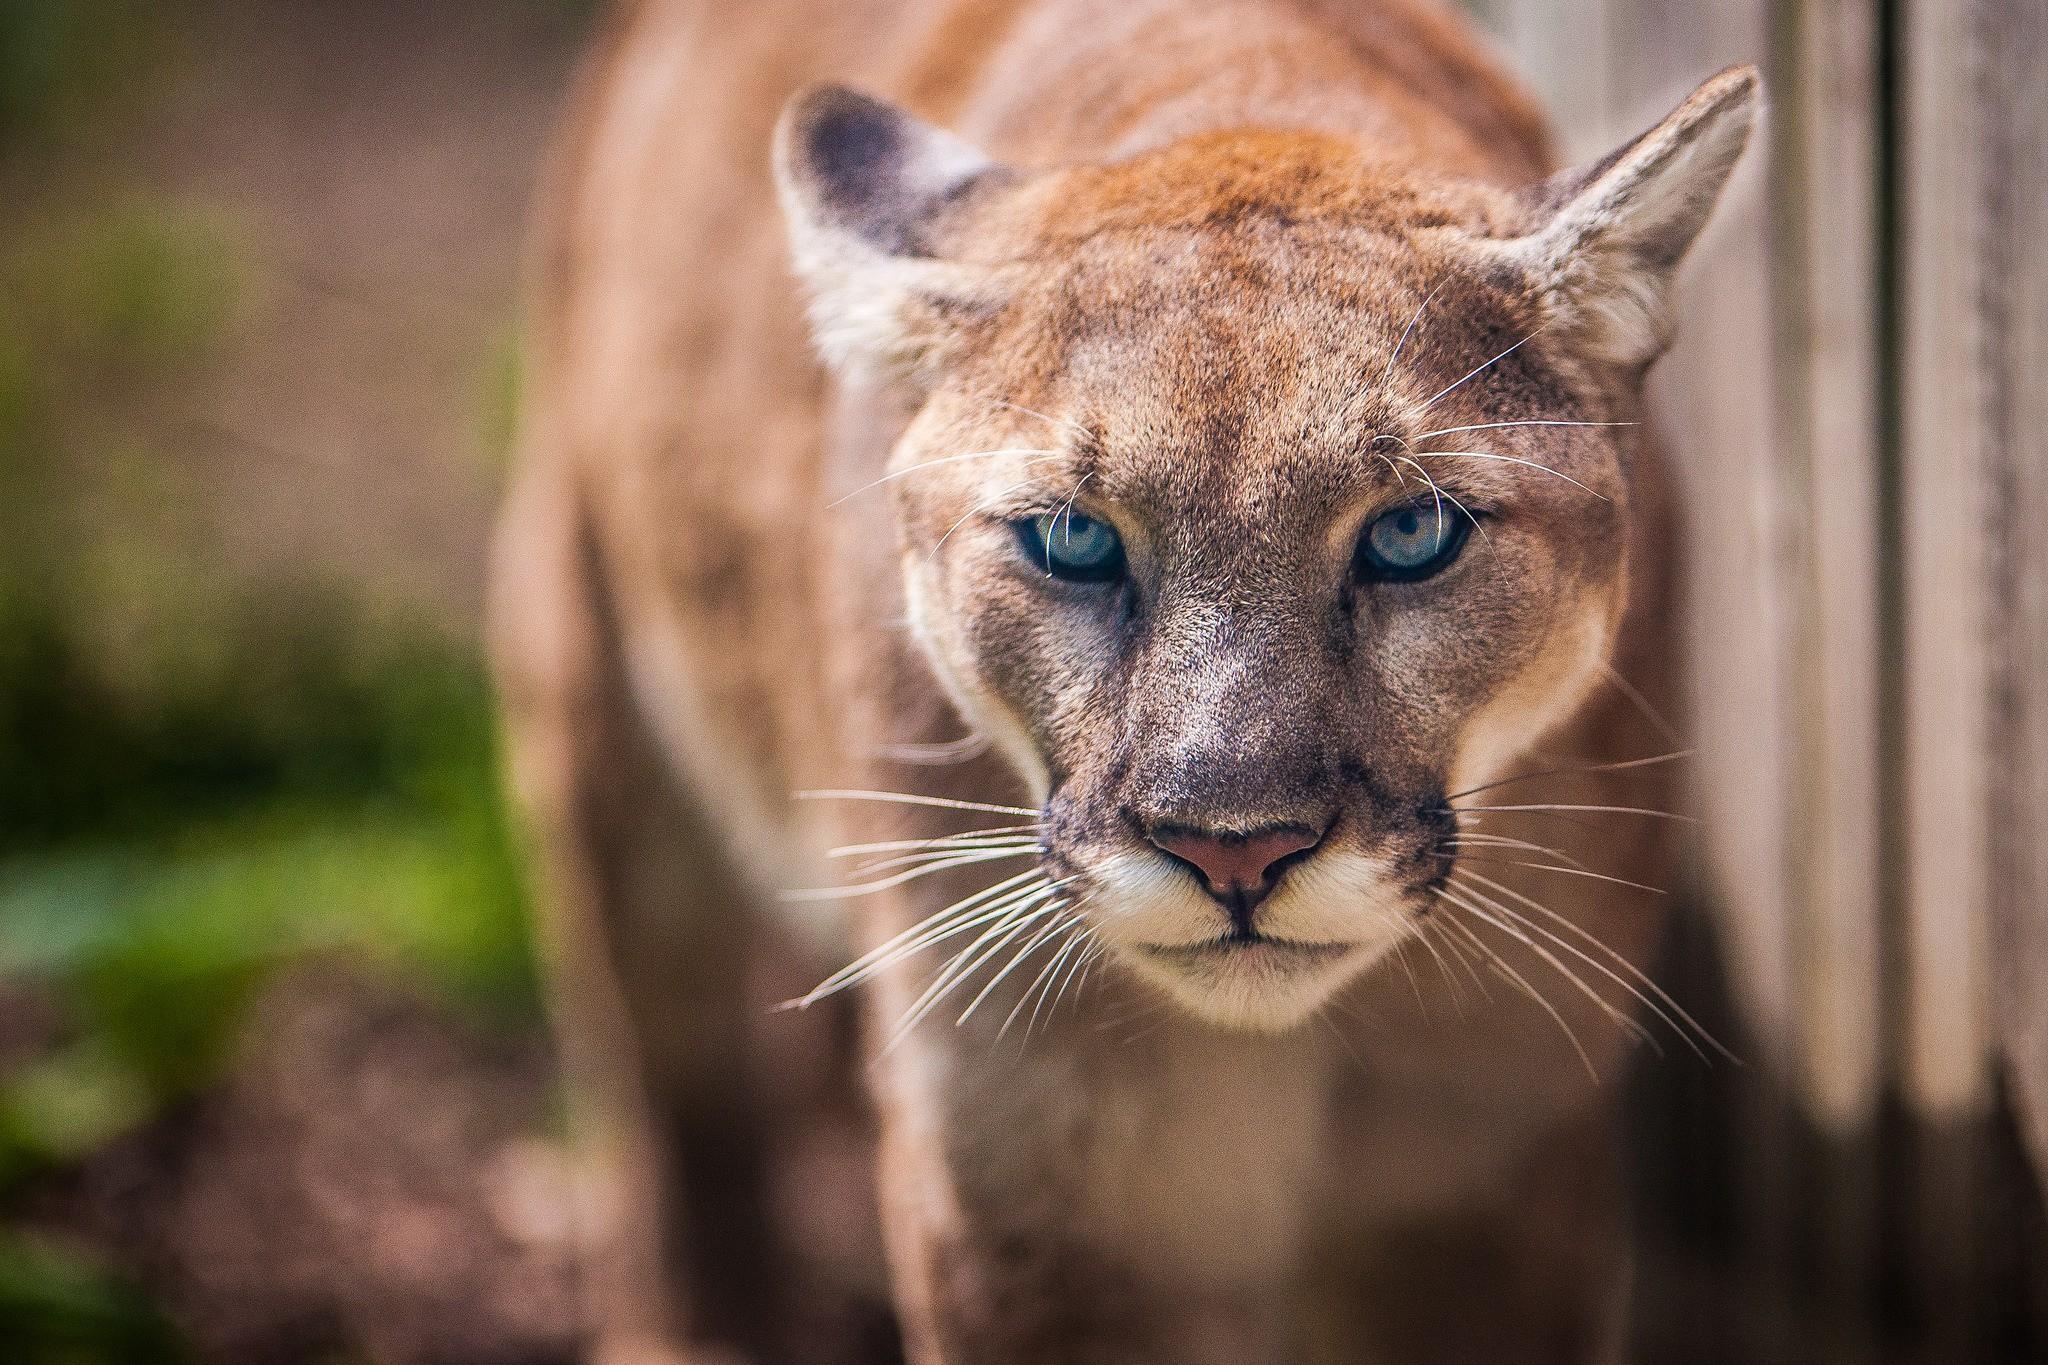 wallpaper : animals, wildlife, whiskers, puma, mammals, cougar, wild